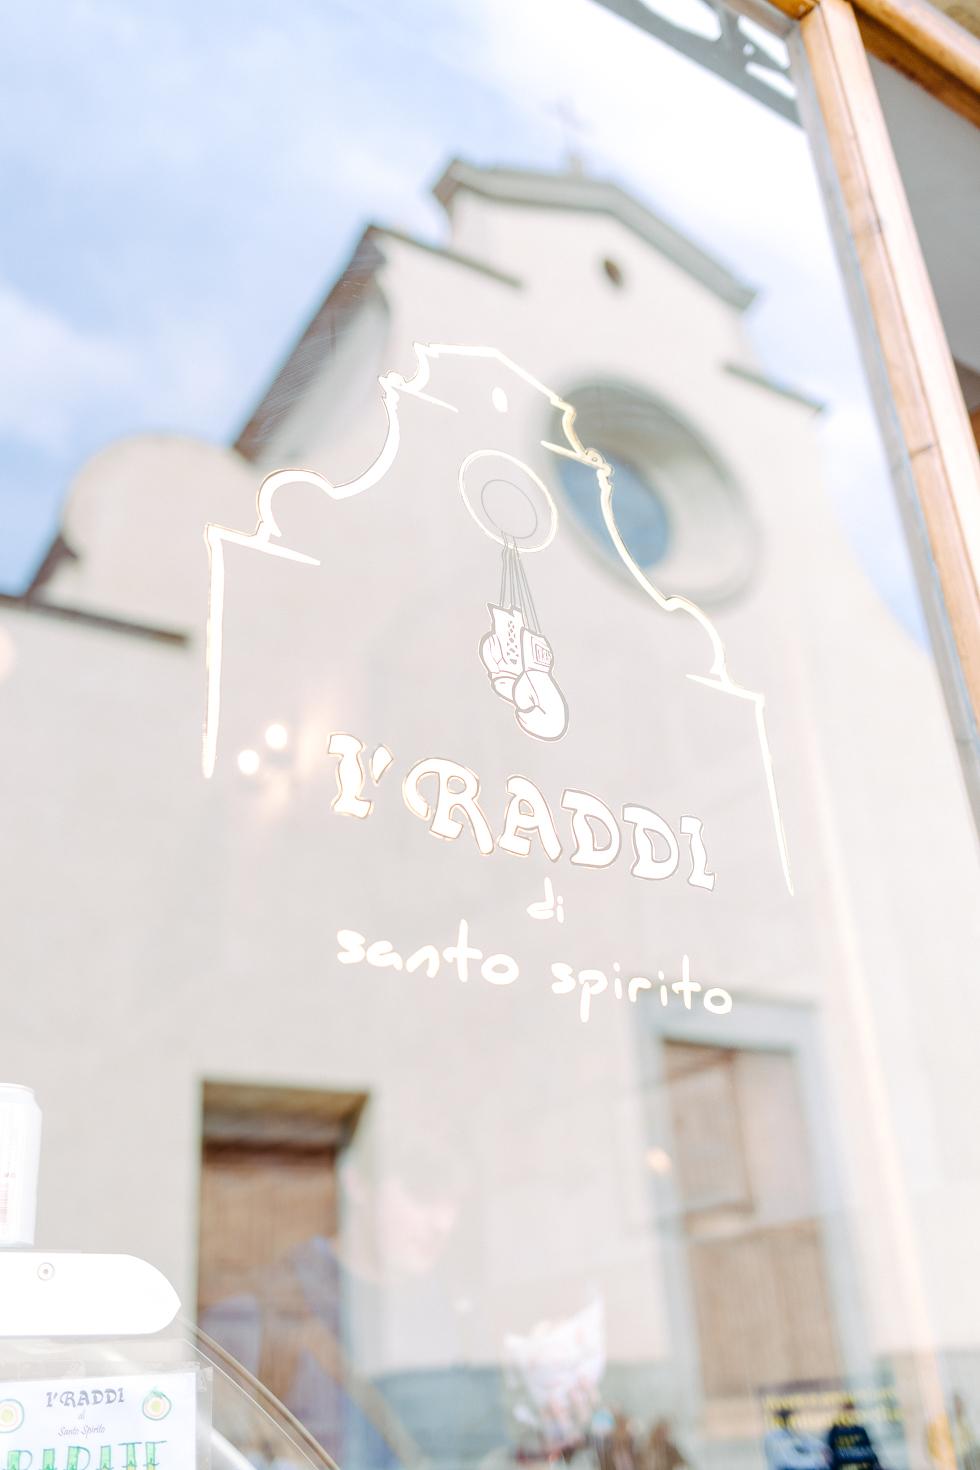 Trattoria Raddi Firenze Santo Spirito